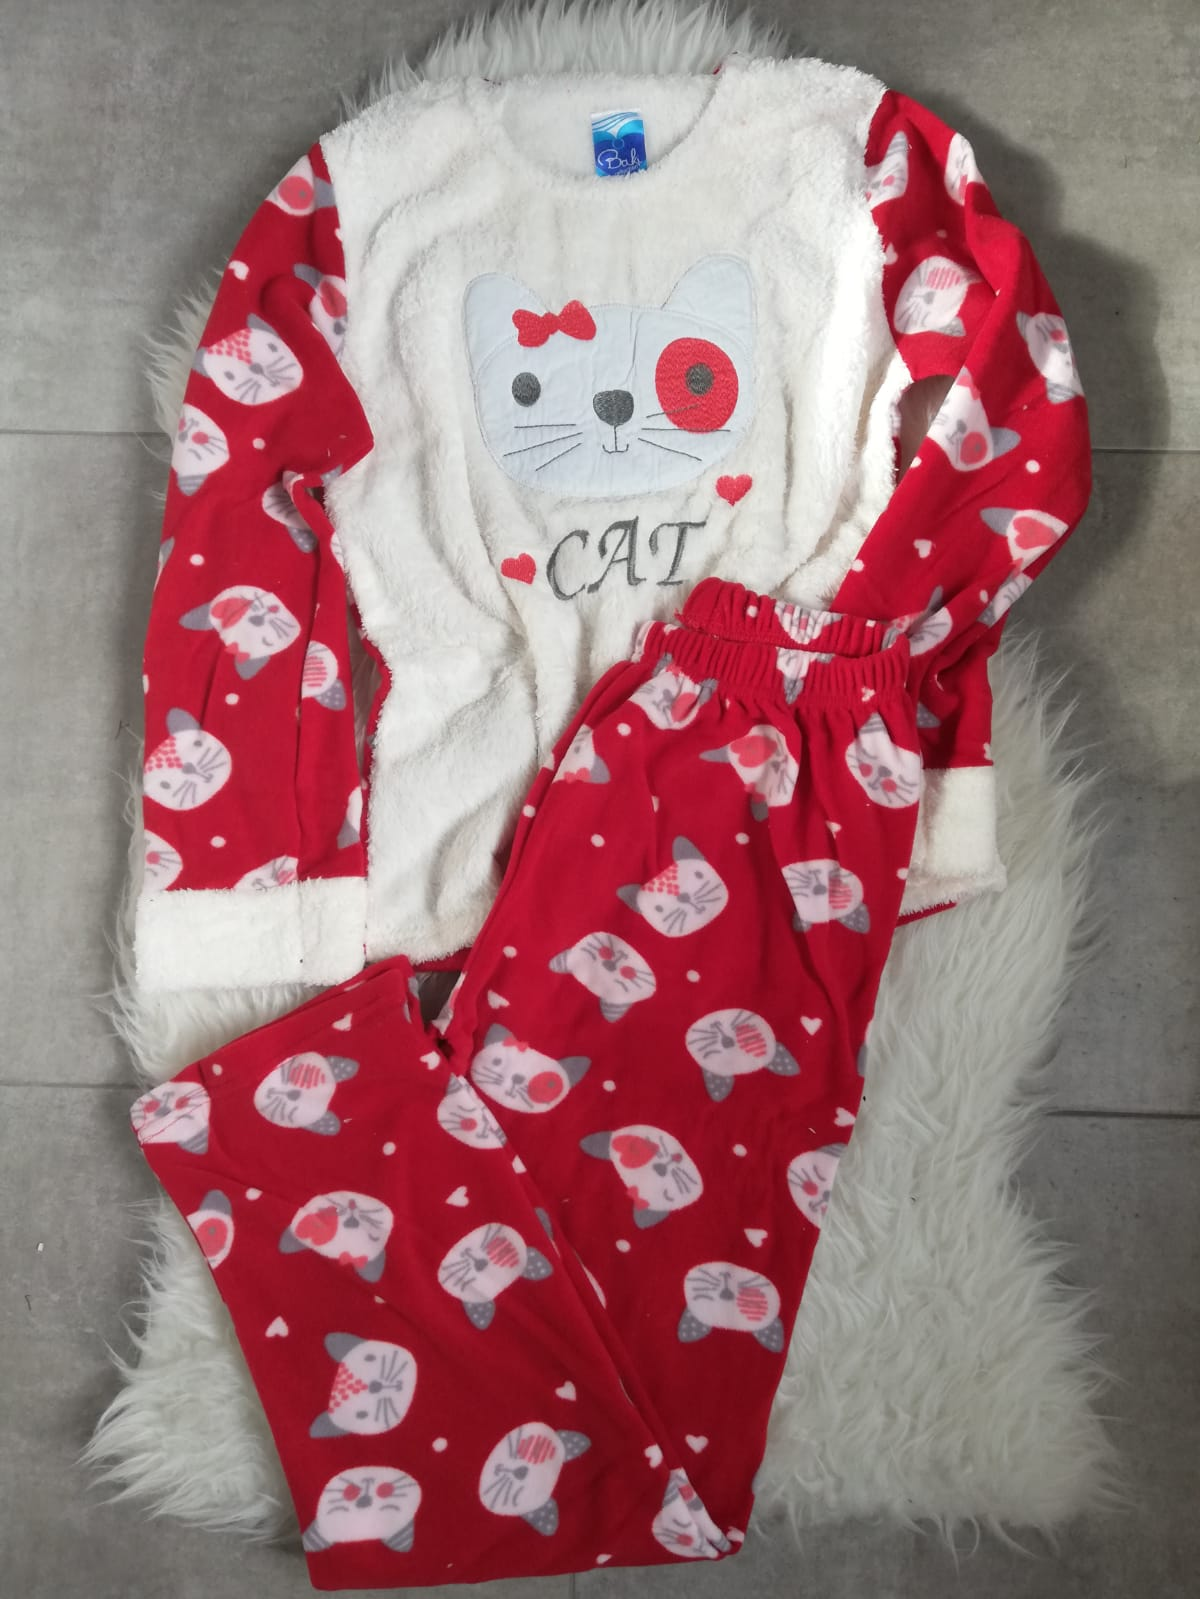 Pijama de dama Cat